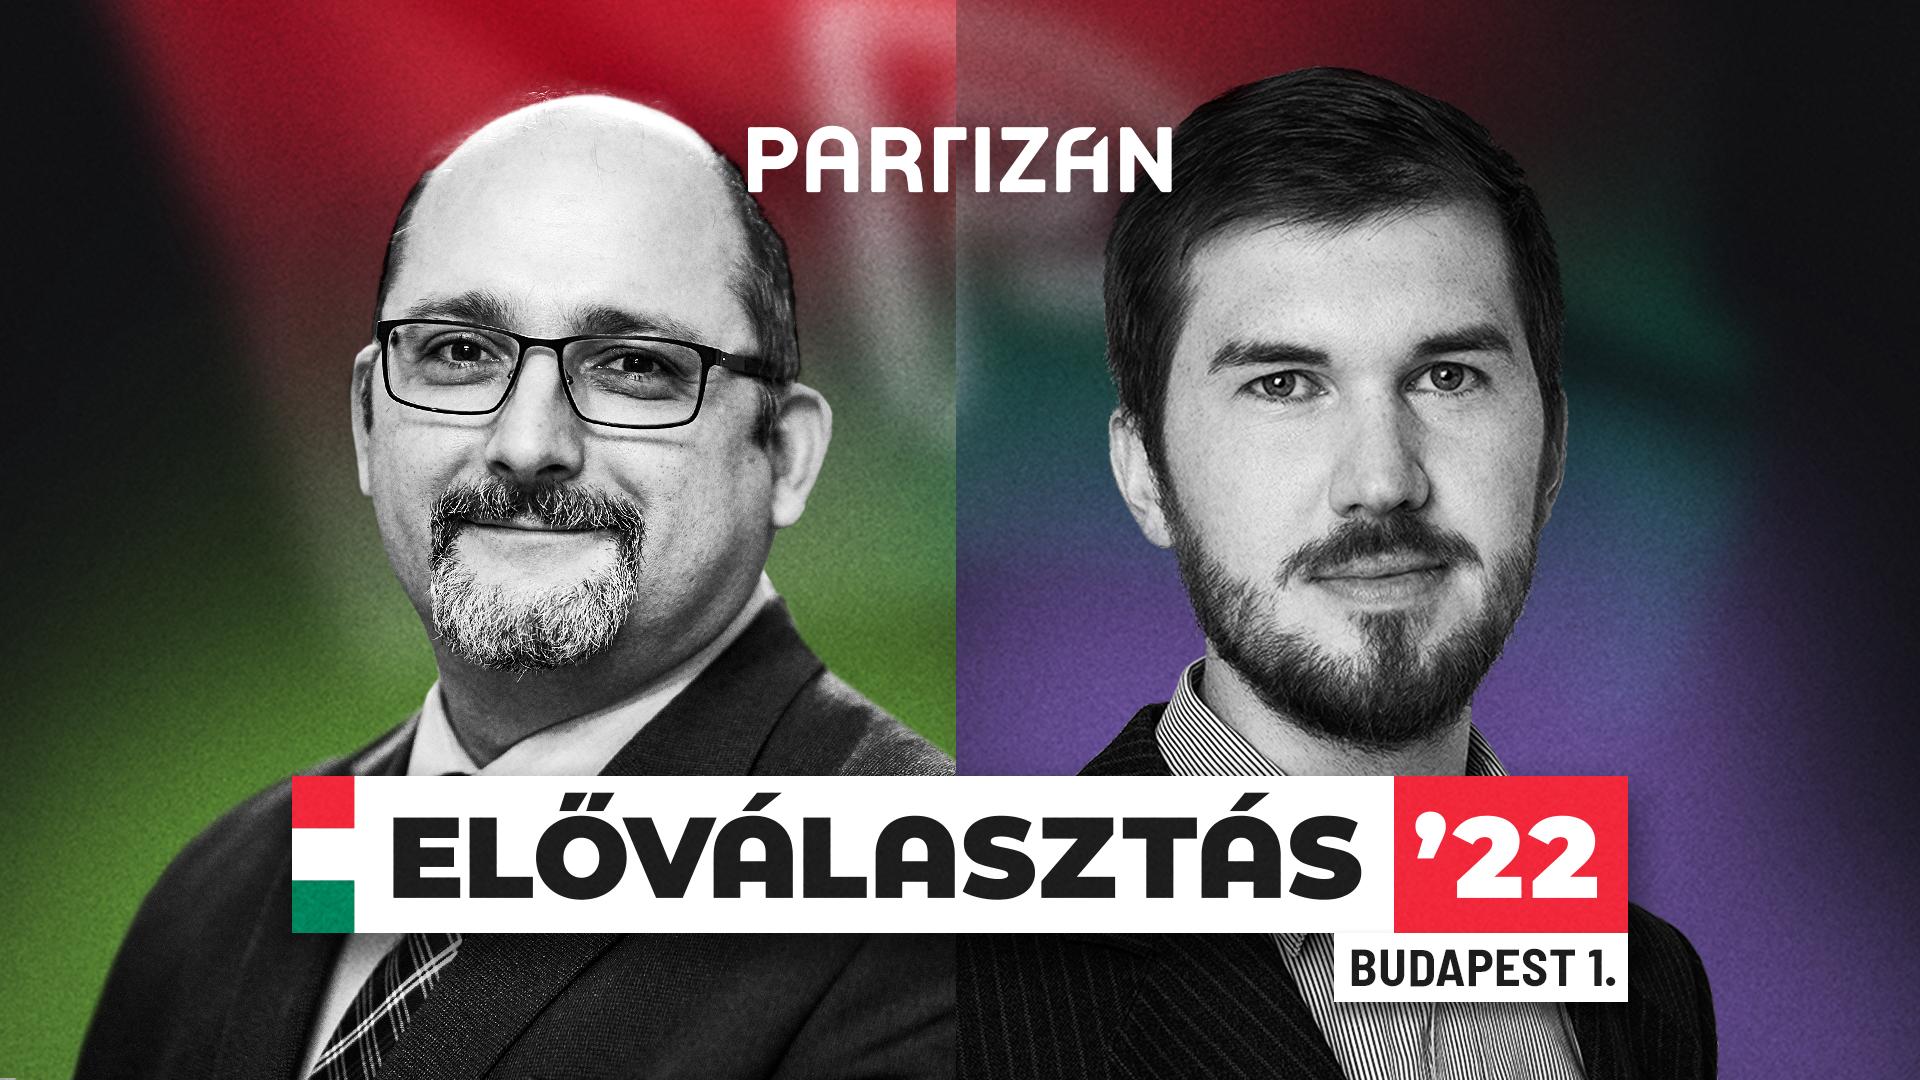 Csárdi Antal és Gelencsér Ferenc küzd a belvárosi és belbudai ellenzéki szavazatokért, itt követheted élőben a vitájukat!